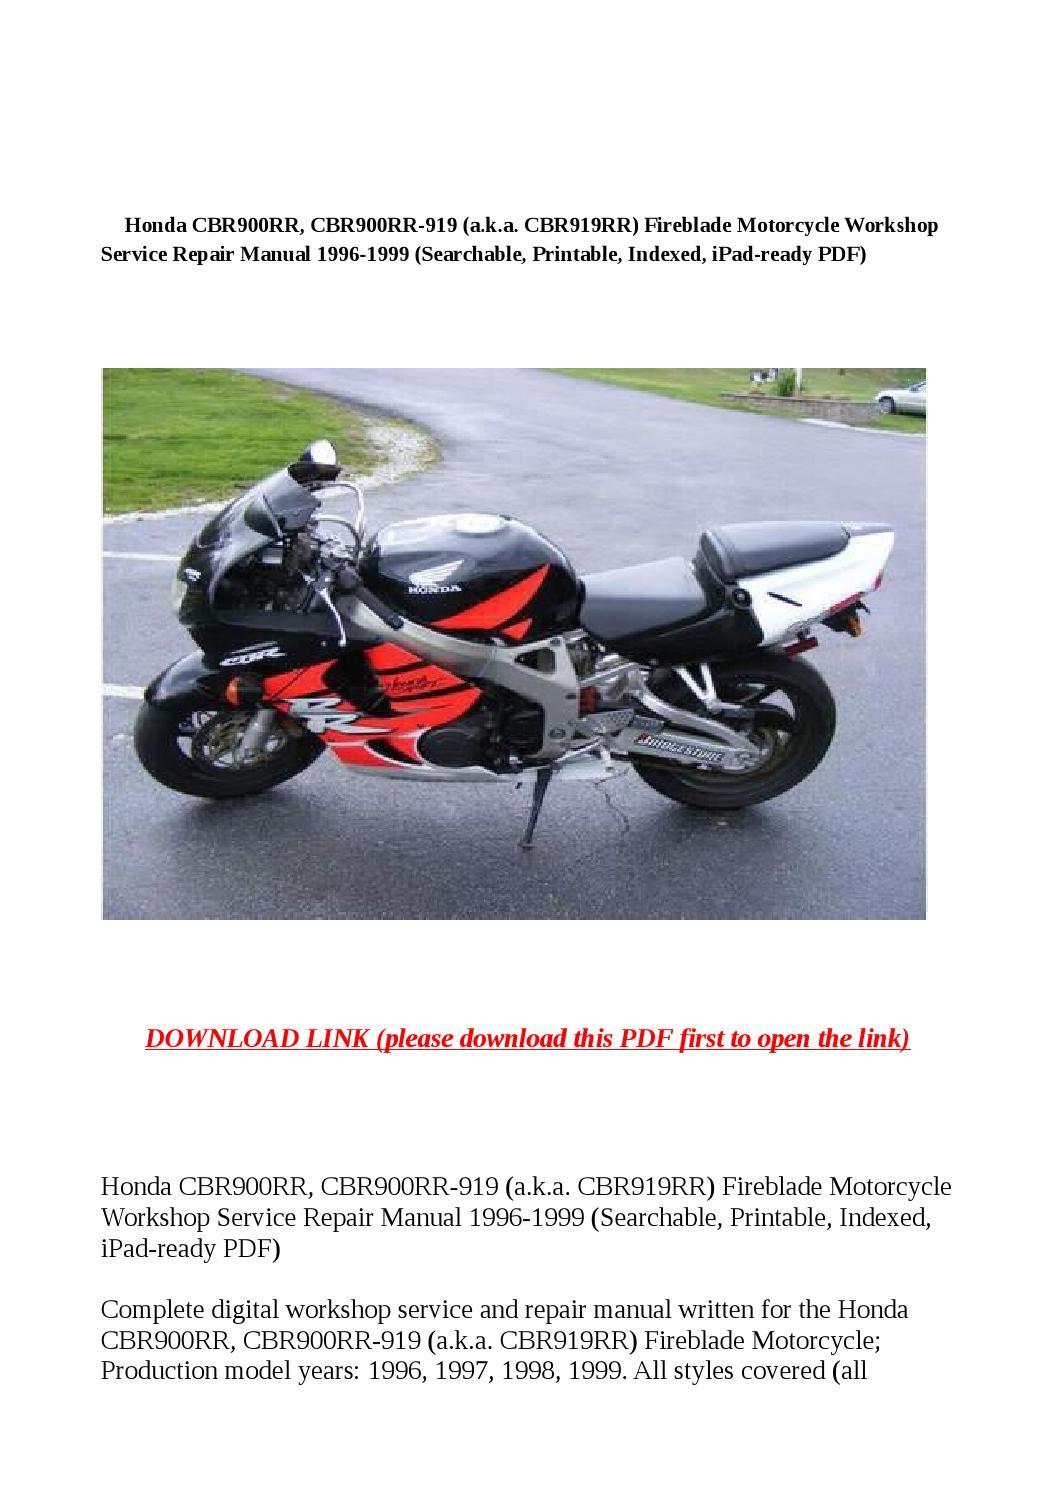 Honda Cbr900rr  Cbr900rr 919  A K A Cbr919rr  Fireblade